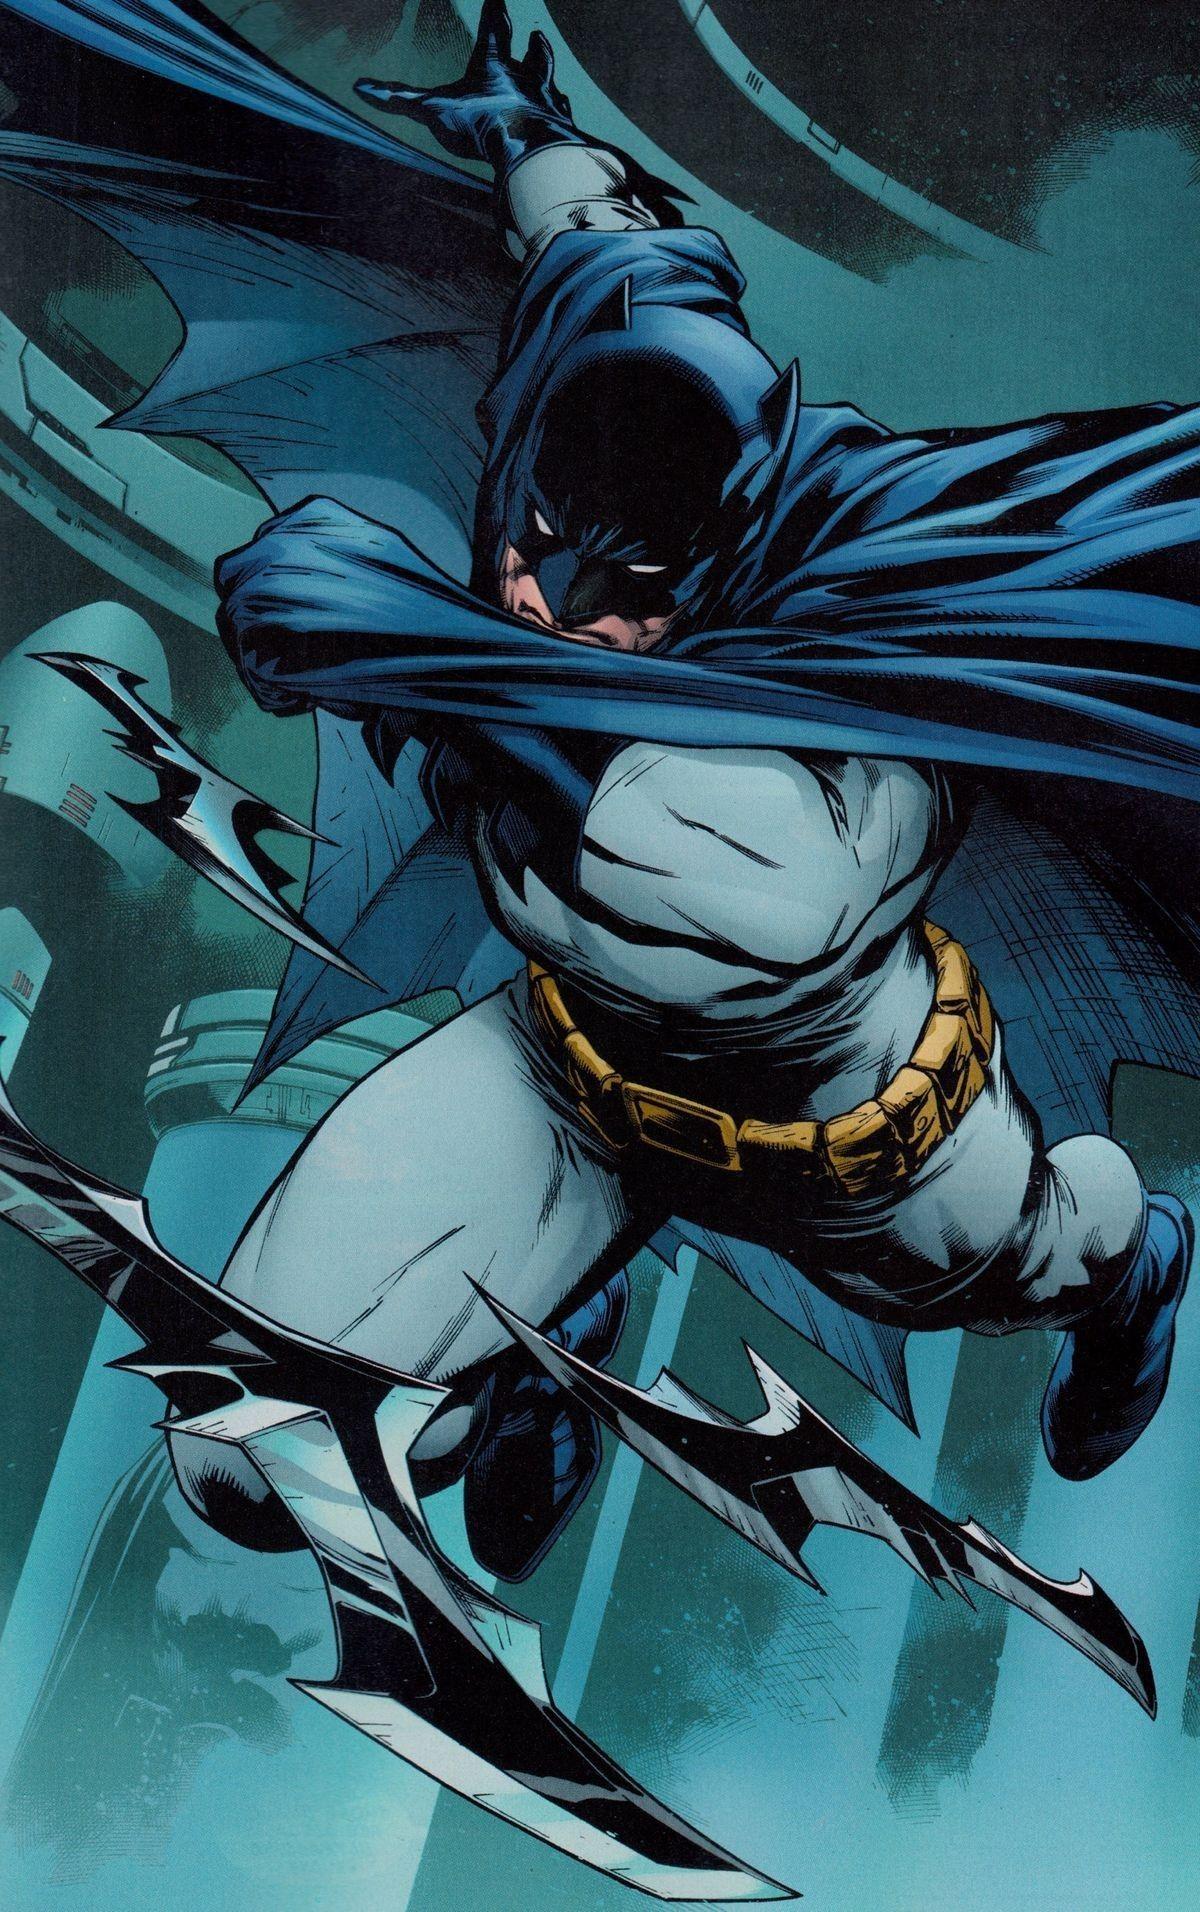 Batman throwing batarangs | Bat life | Pinterest